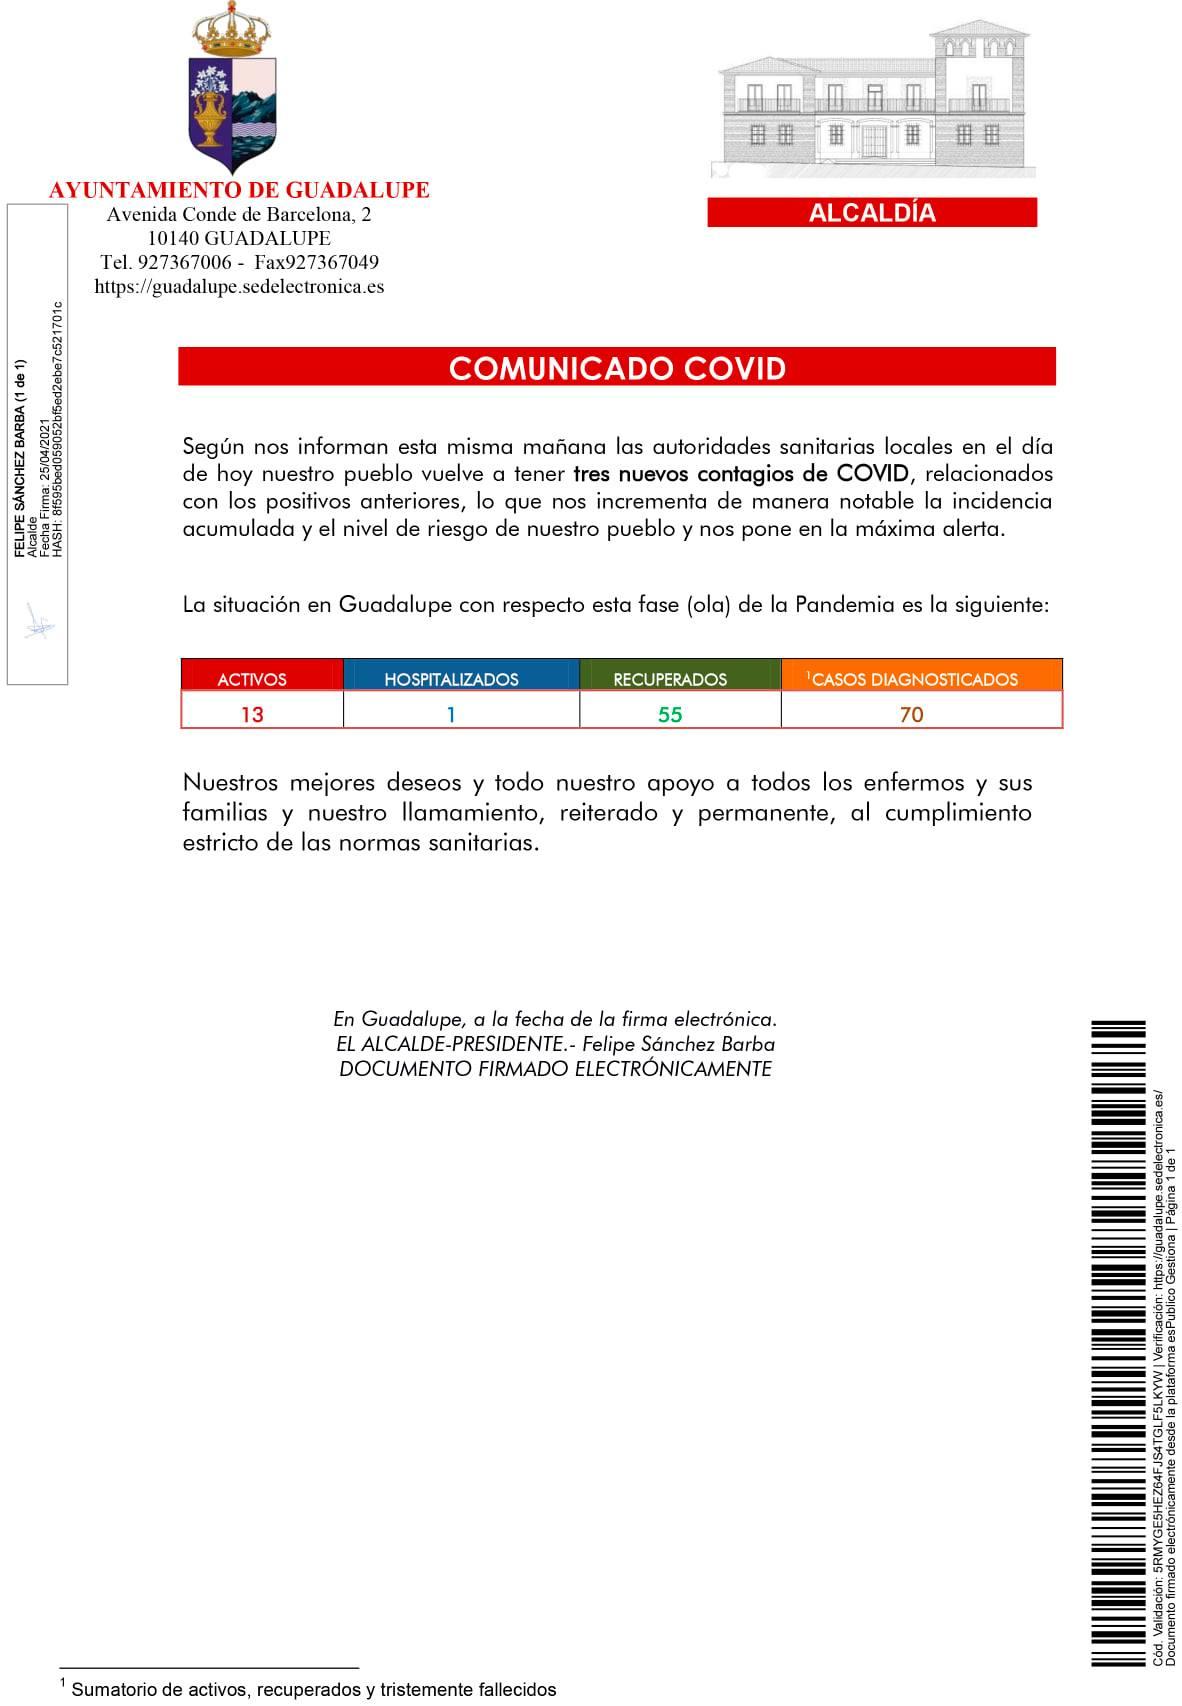 13 casos positivos activos de COVID-19 (abril 2021) - Guadalupe (Cáceres)